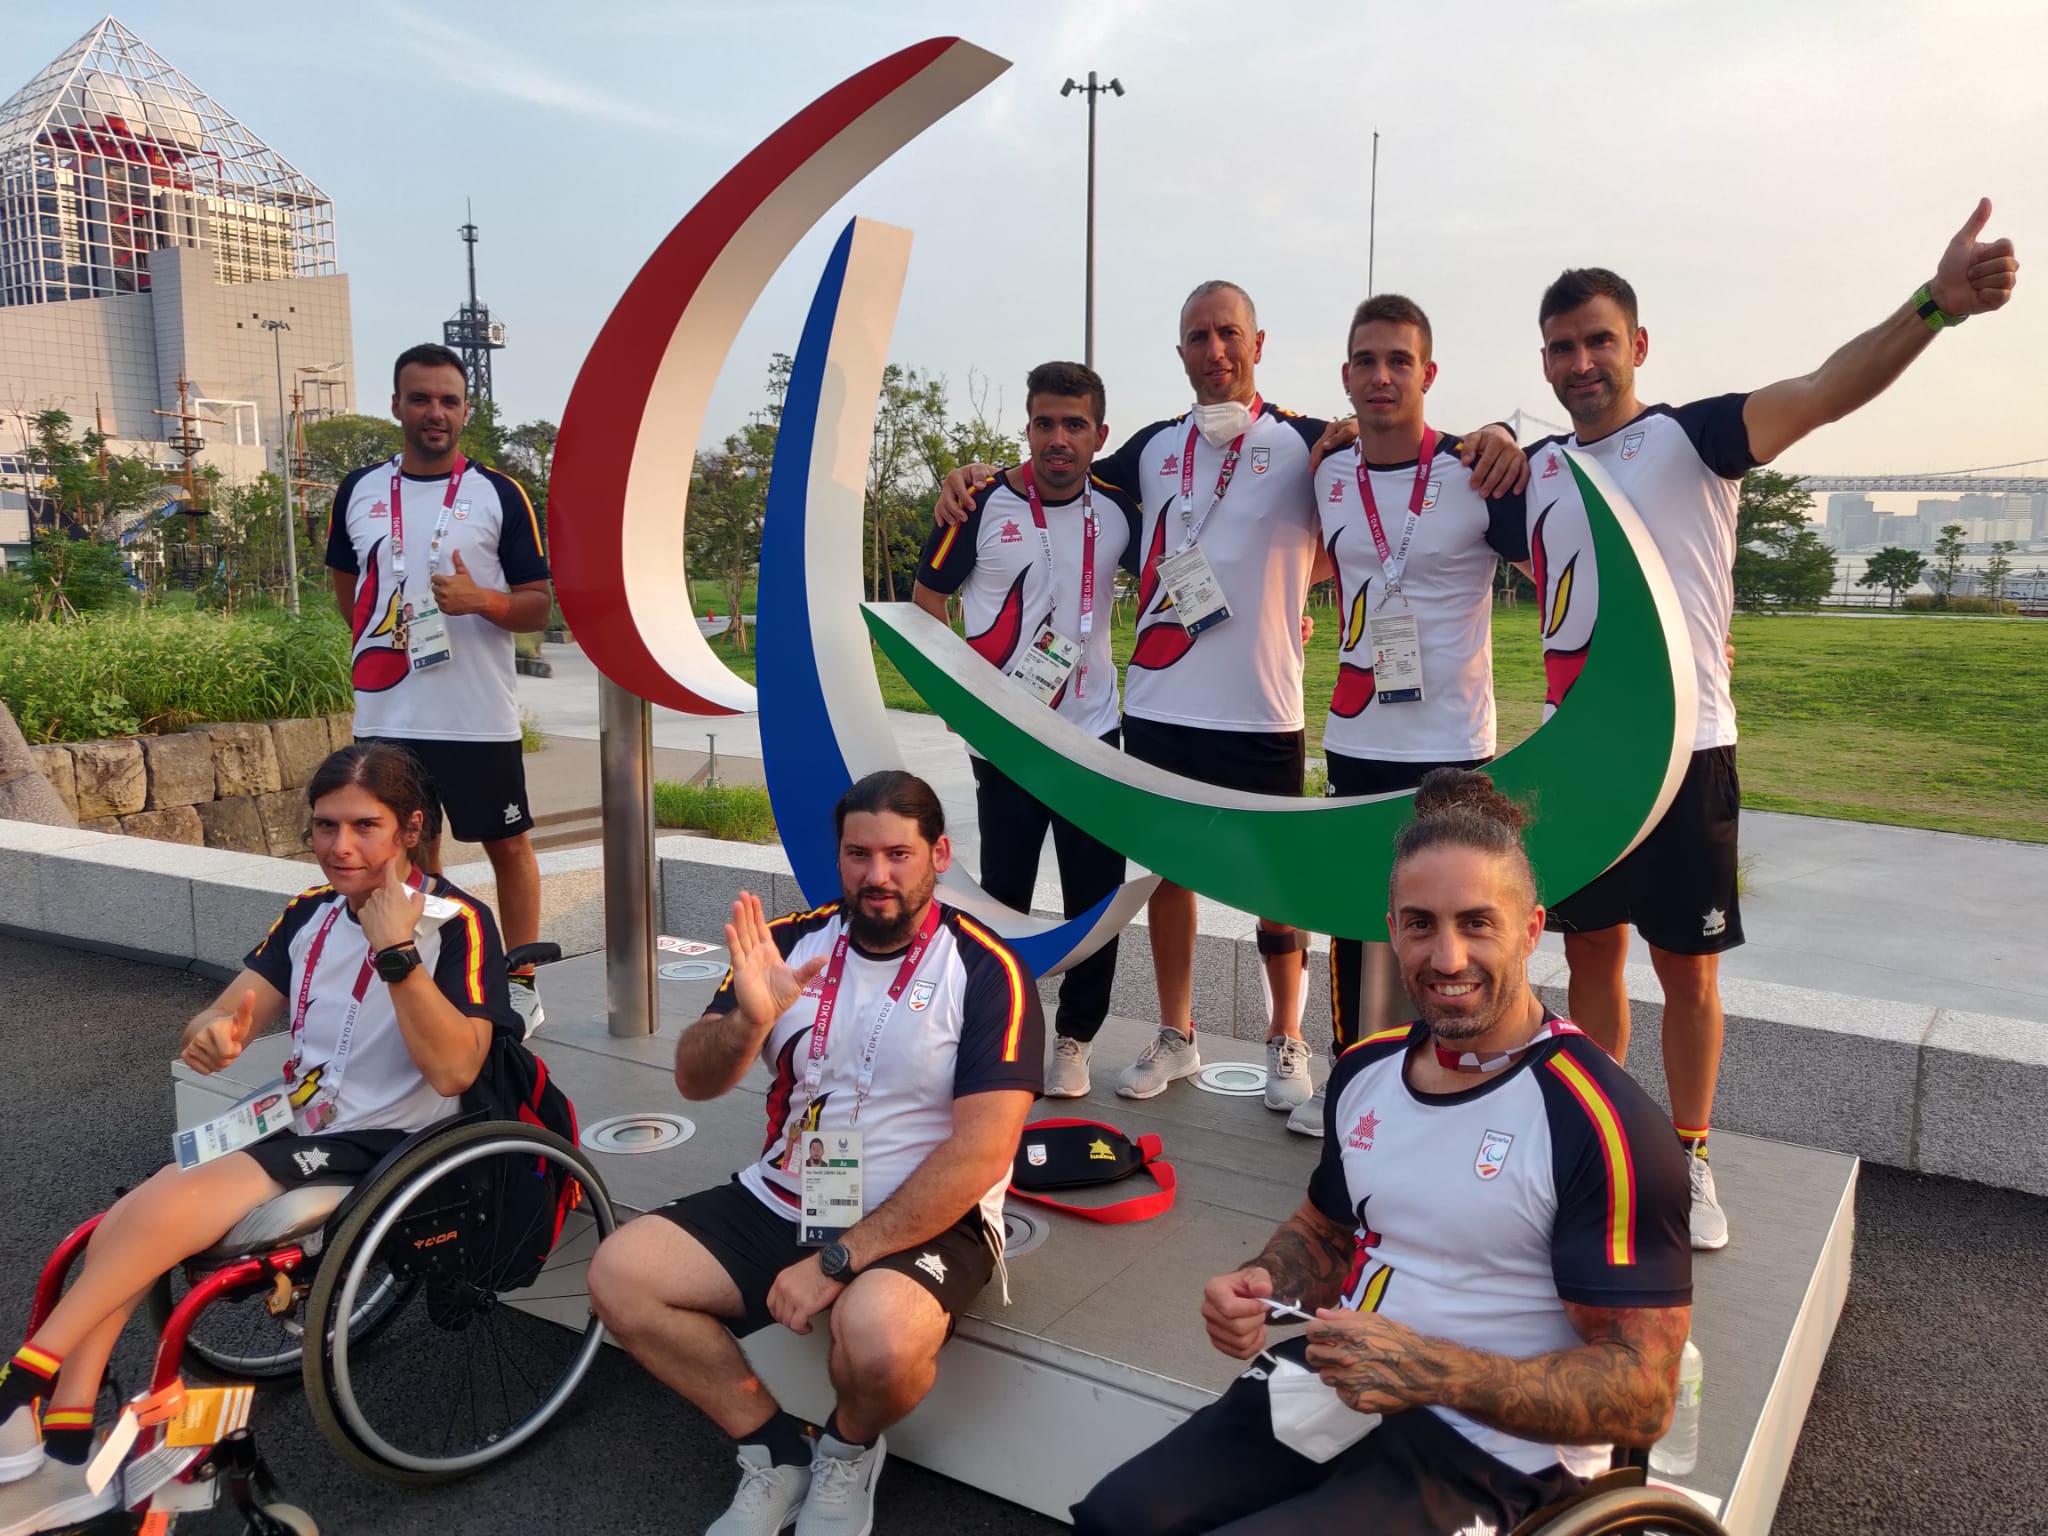 Piragüistas paralímpicos españoles. Fuente: Rfep